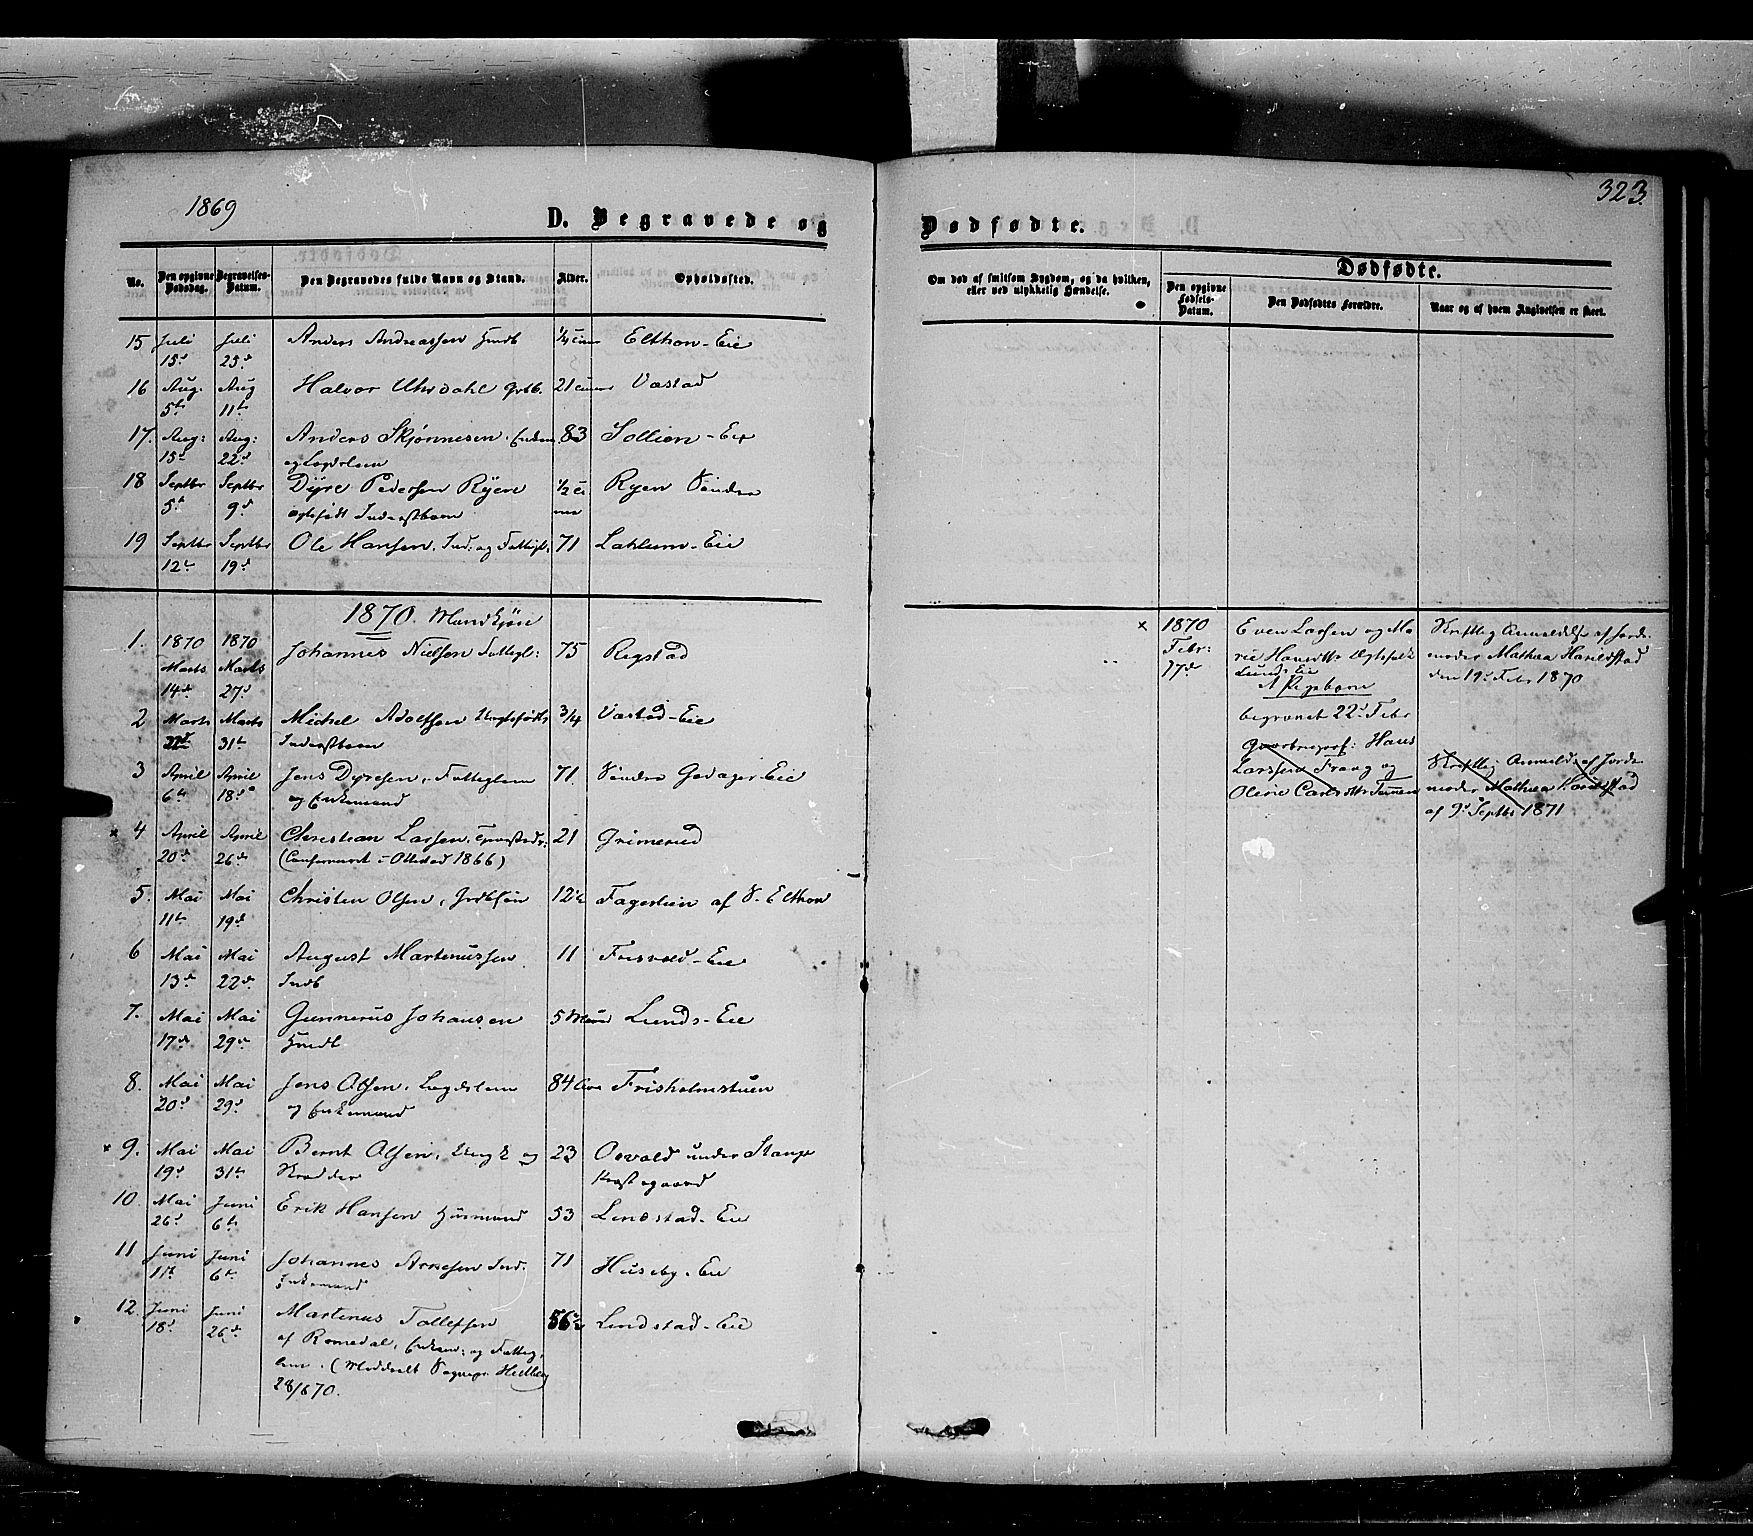 SAH, Stange prestekontor, K/L0013: Parish register (official) no. 13, 1862-1879, p. 323